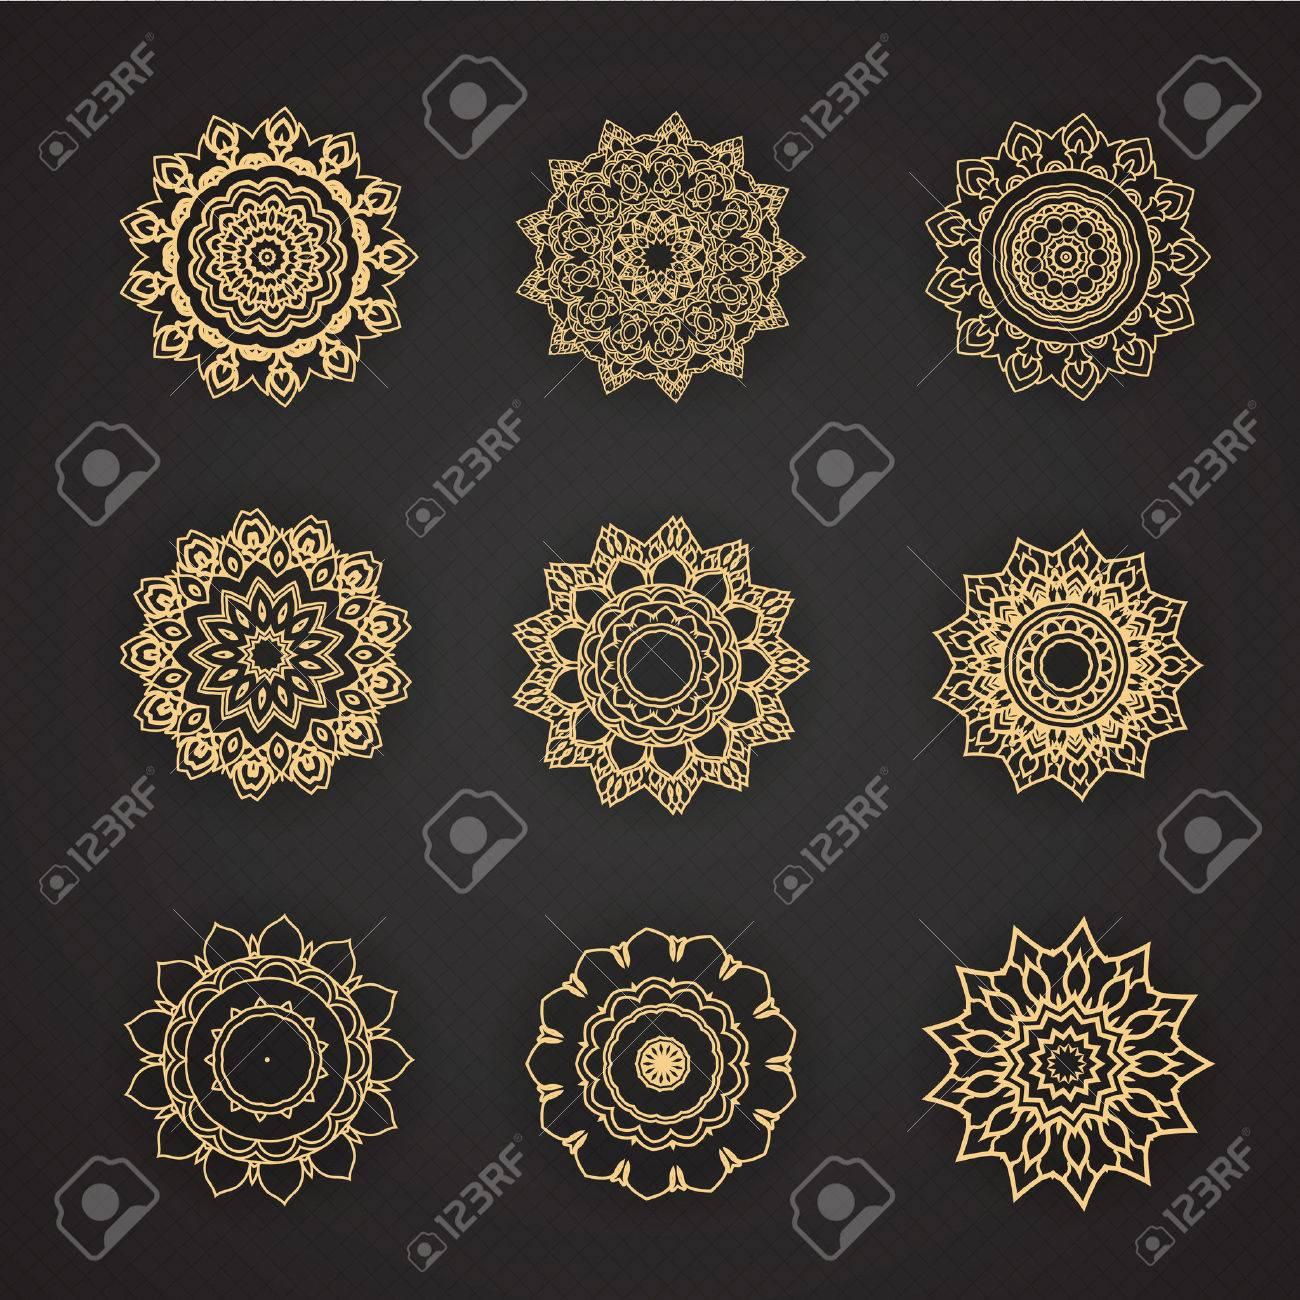 design elements graphic thai design Banque d'images - 41668714